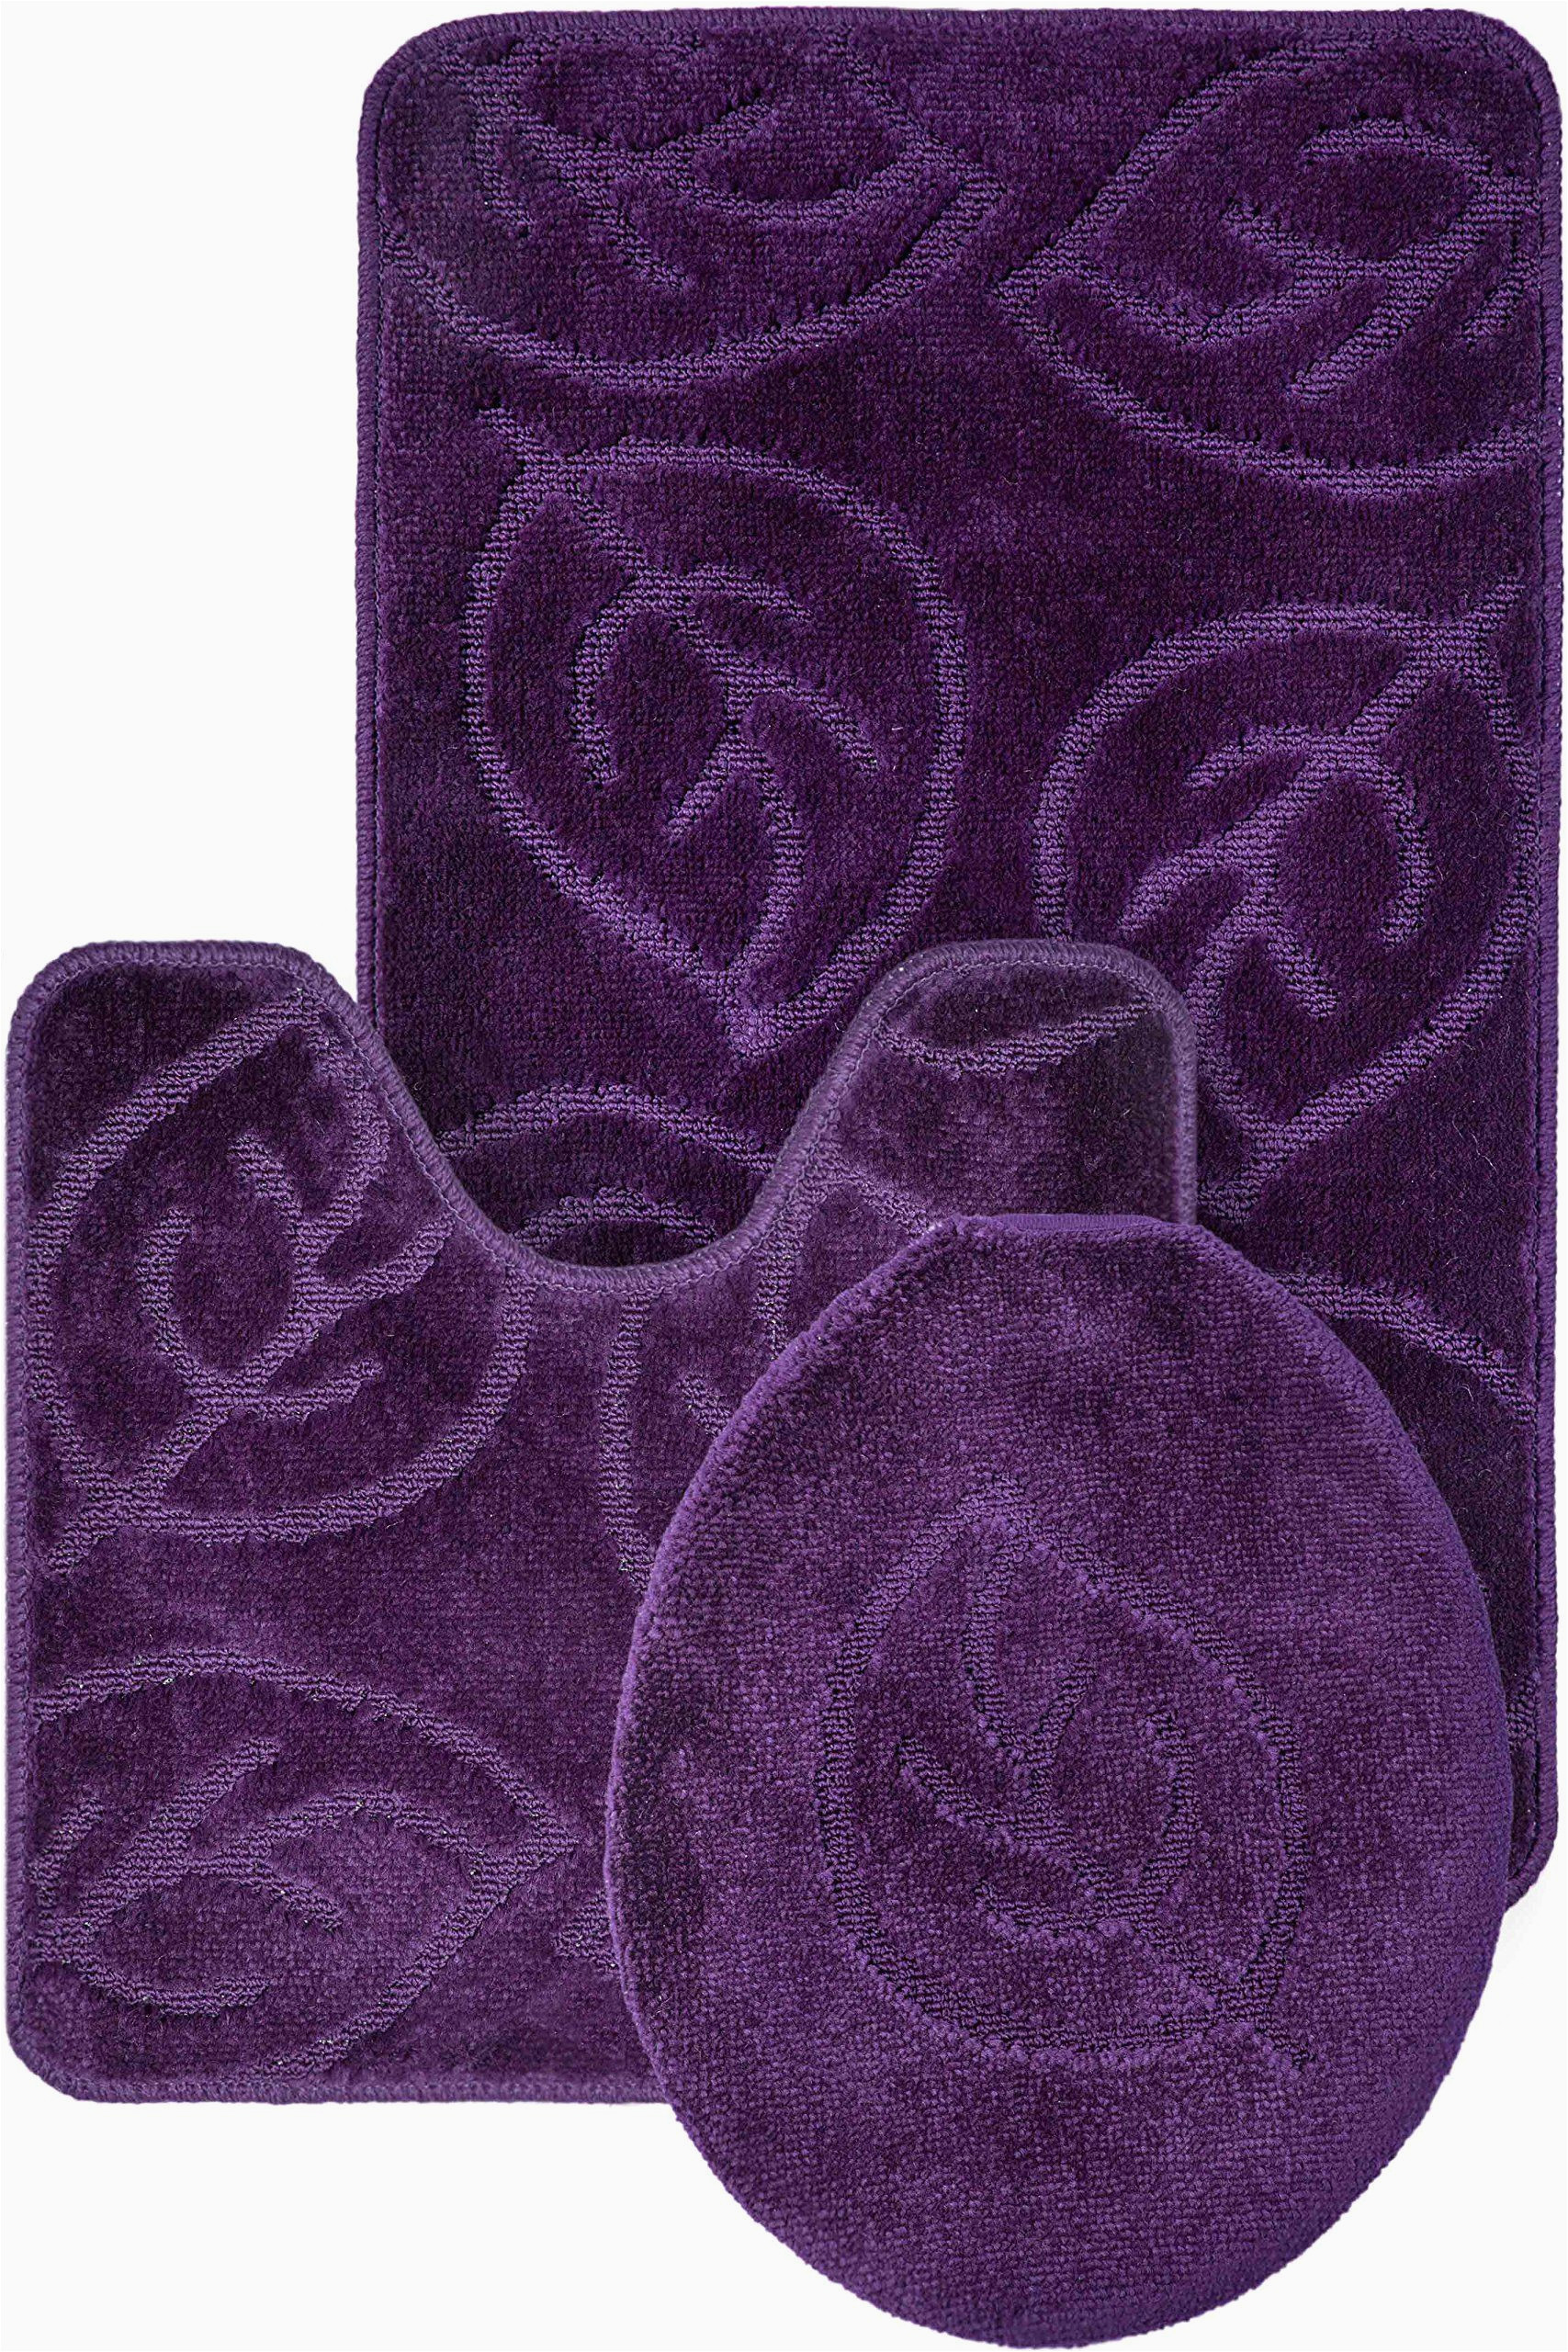 Dark Purple Bath Rugs Everdayspecial Purple Bath Set Leaf Pattern Bathroom Rug